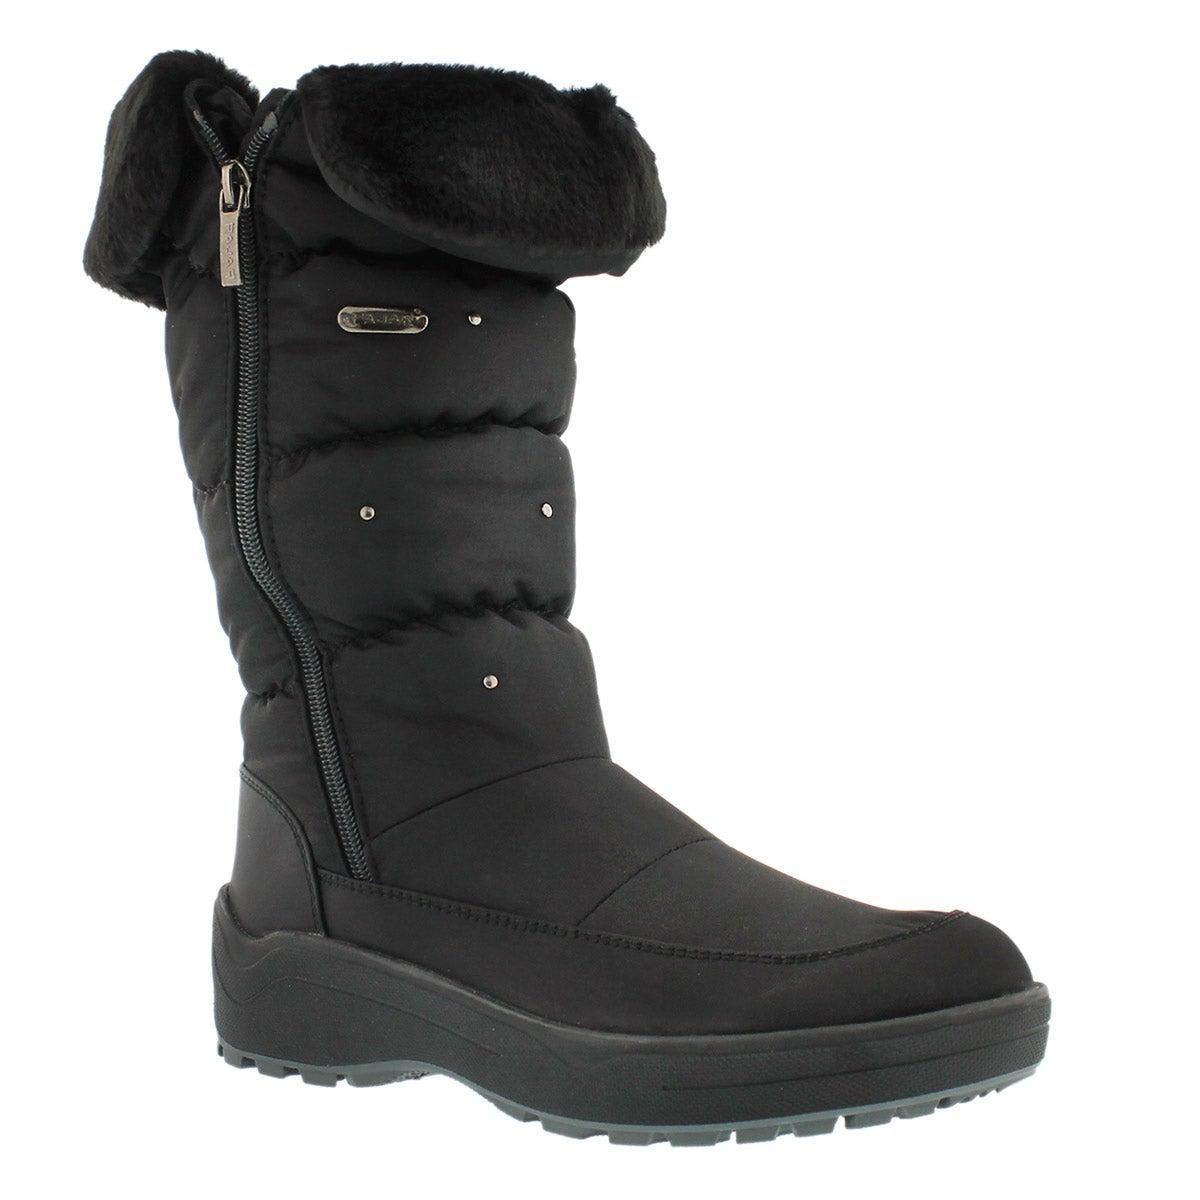 Lds Varsovie black wtpf winter boot